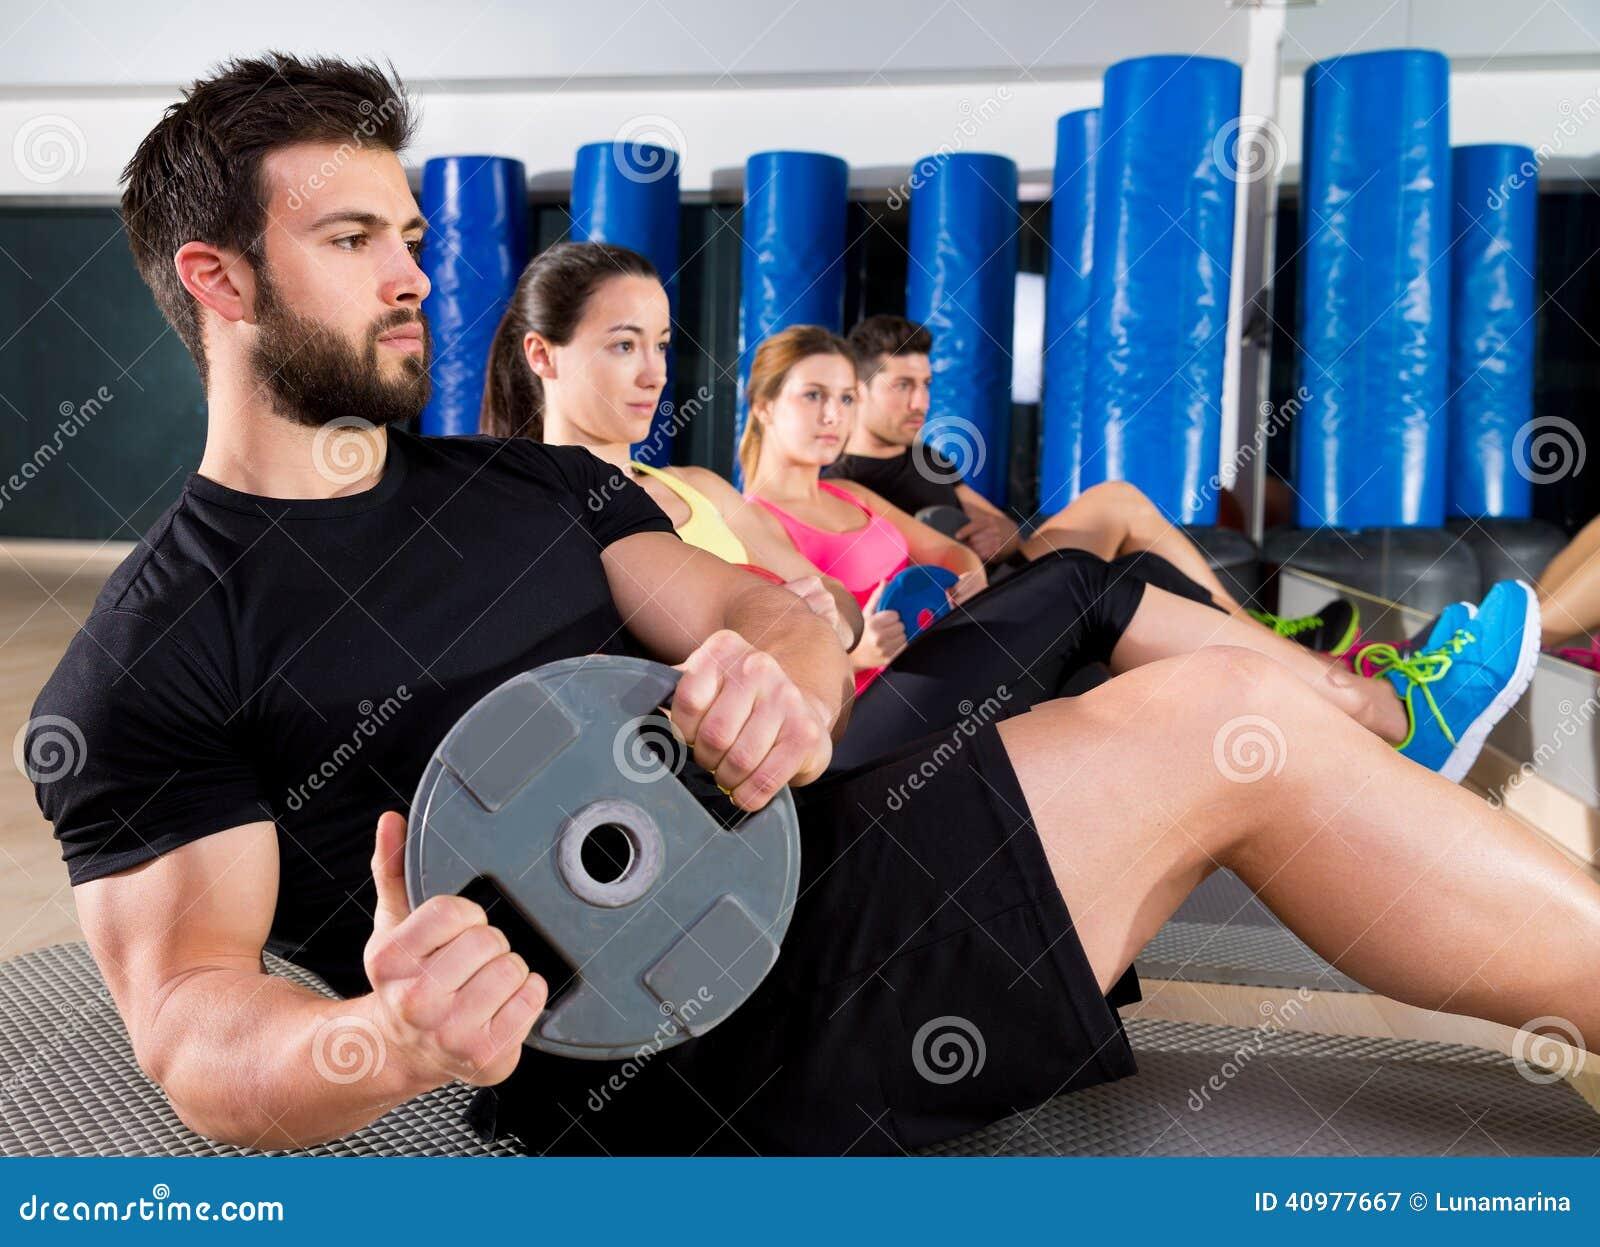 Grupo central de formação da placa abdominal no gym